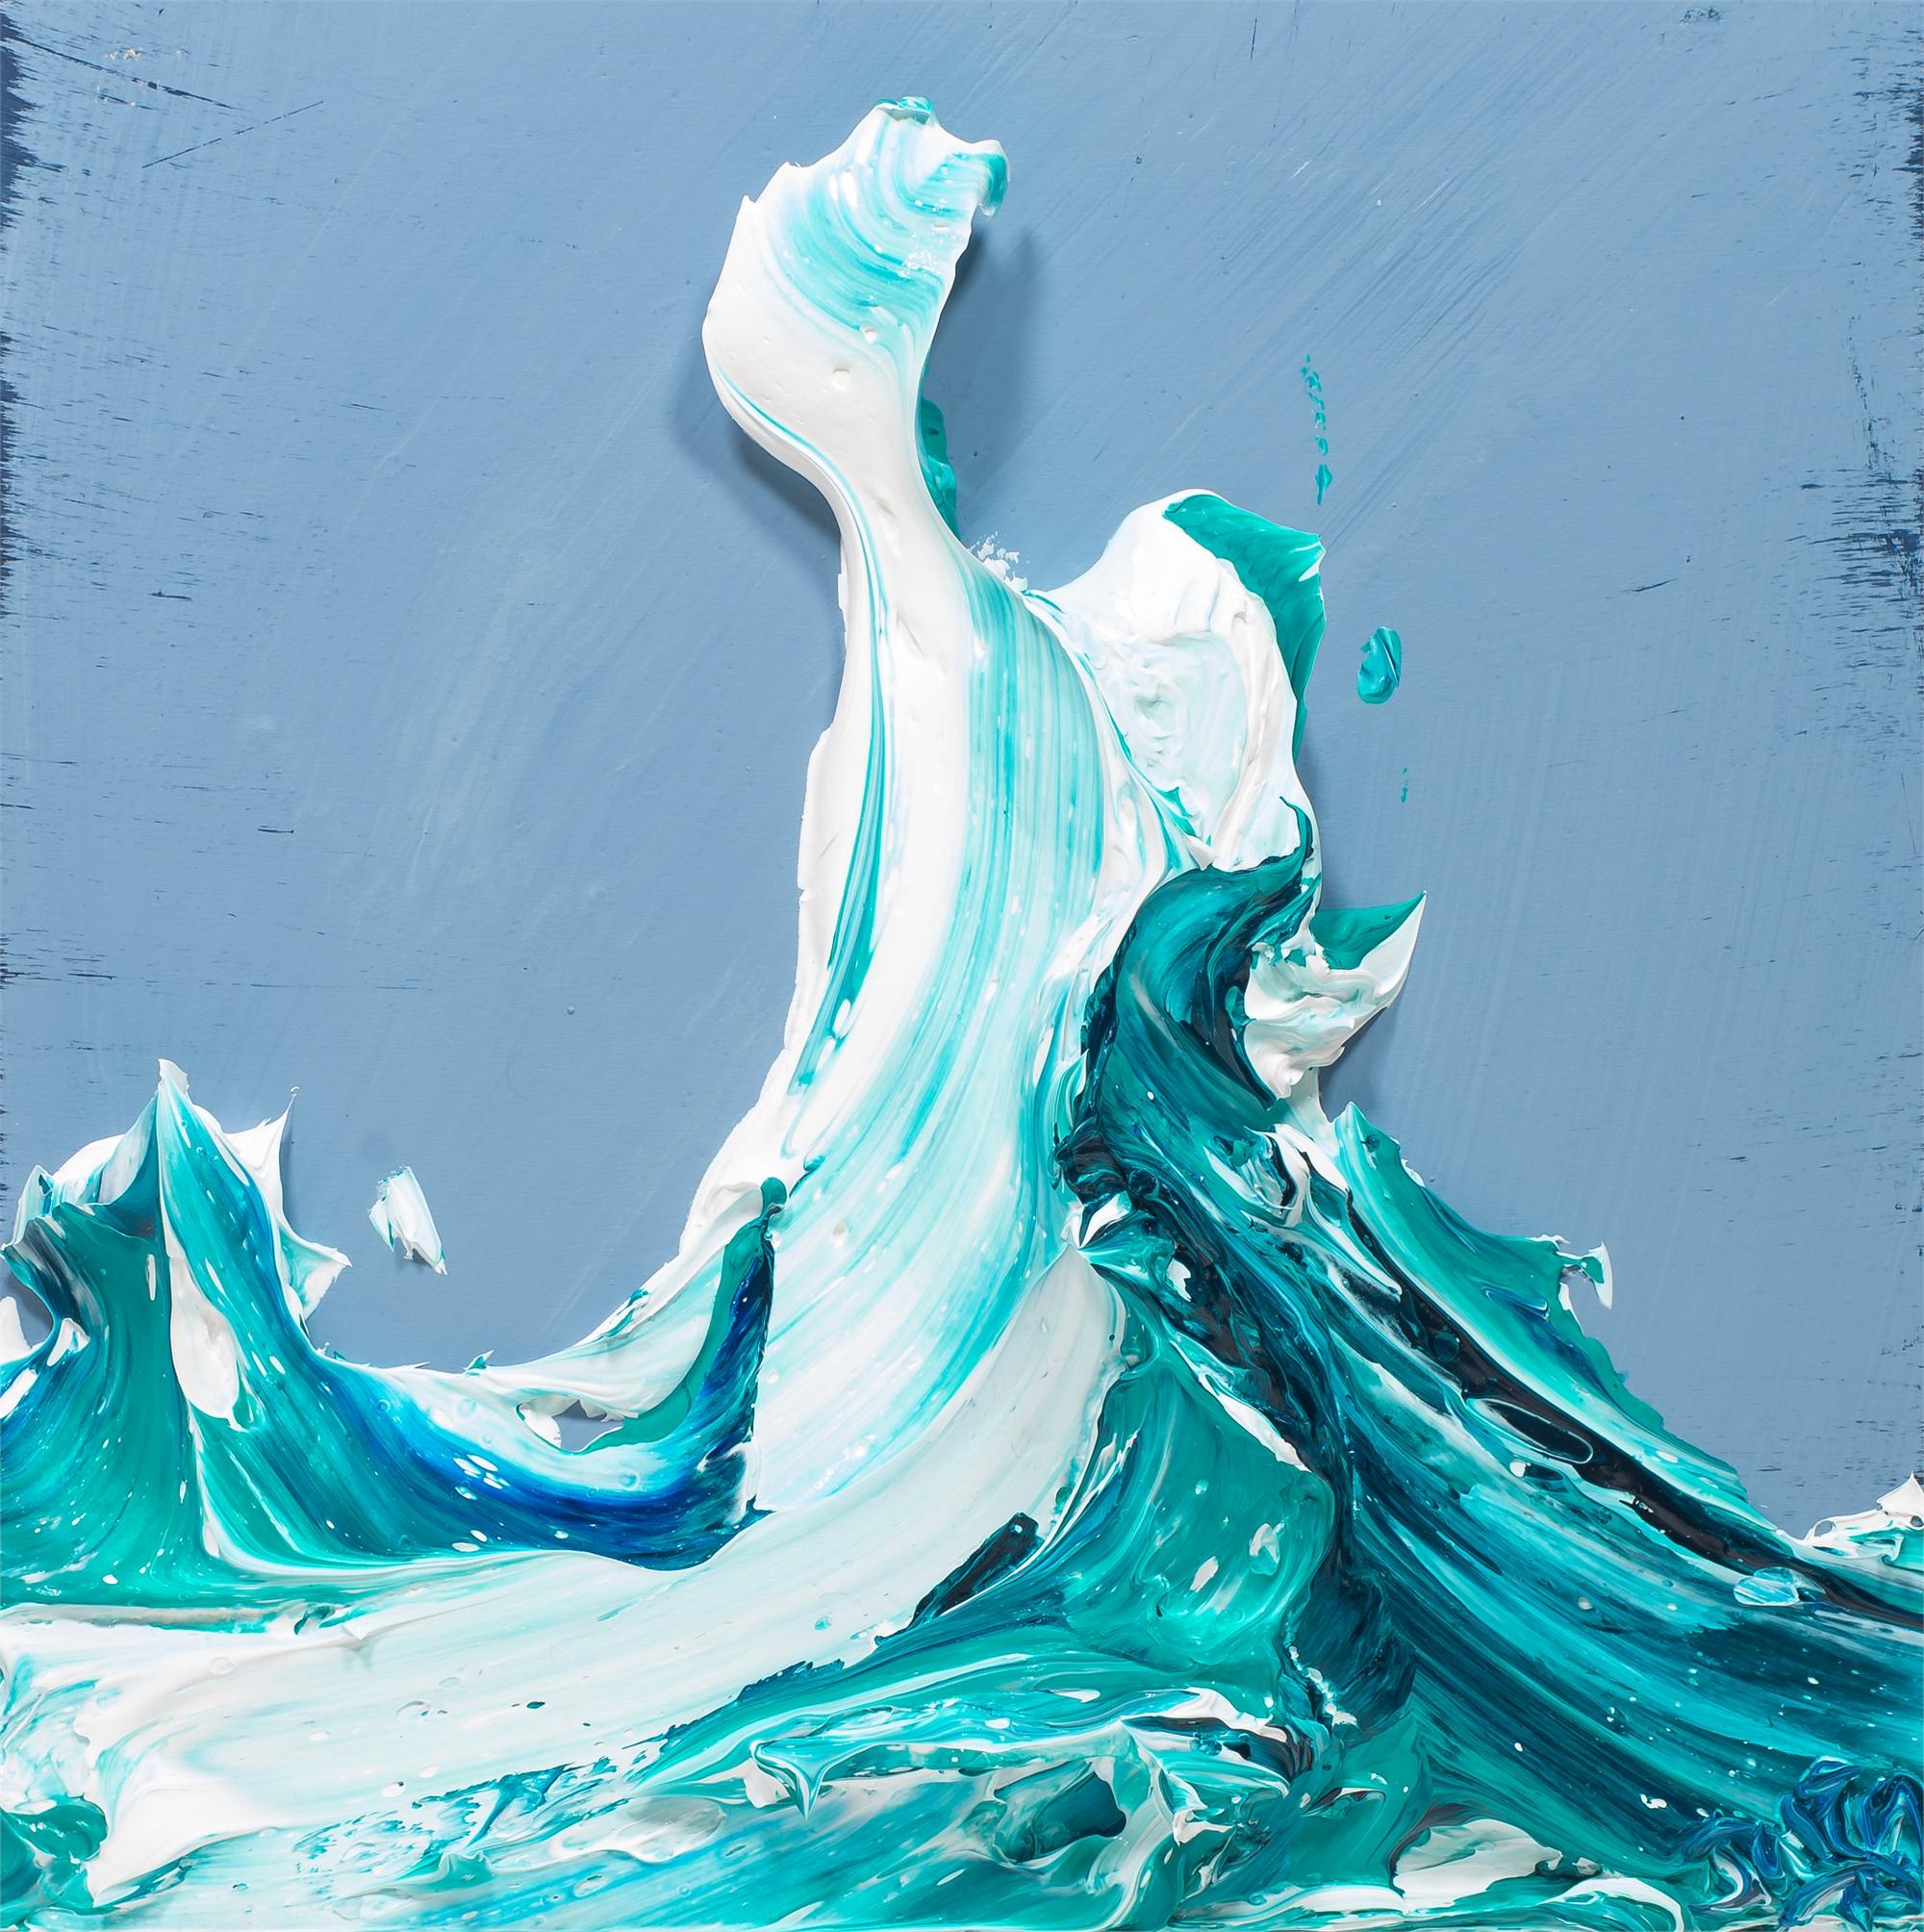 WAVE WV12X12-2019-118 by Justin Gaffrey